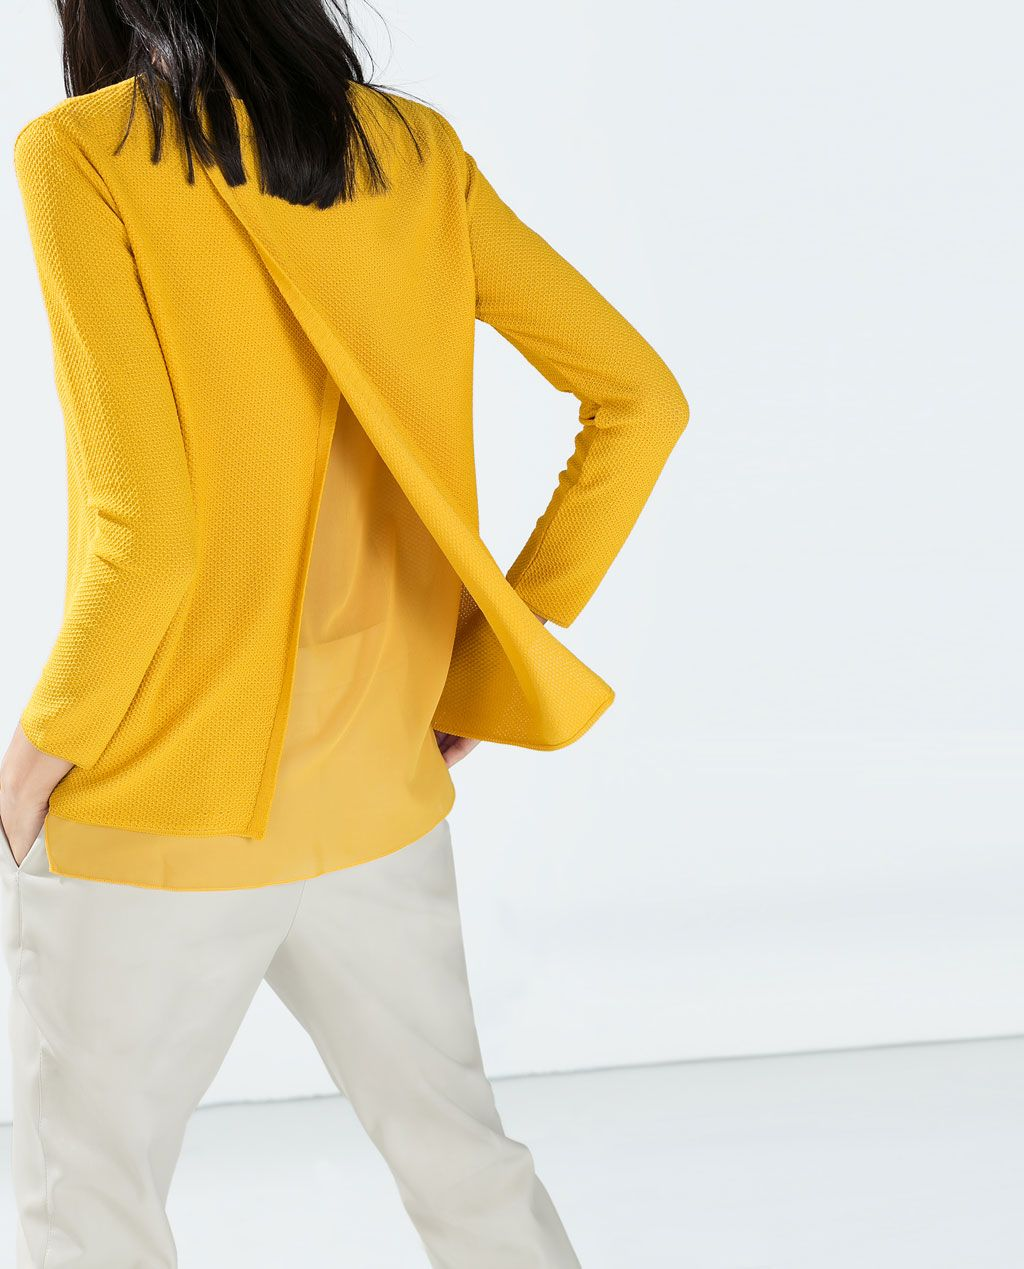 pull effet 2 en 1 avec gaze de zara le faire en blouse avec un cr pe comme base qui d couvre. Black Bedroom Furniture Sets. Home Design Ideas